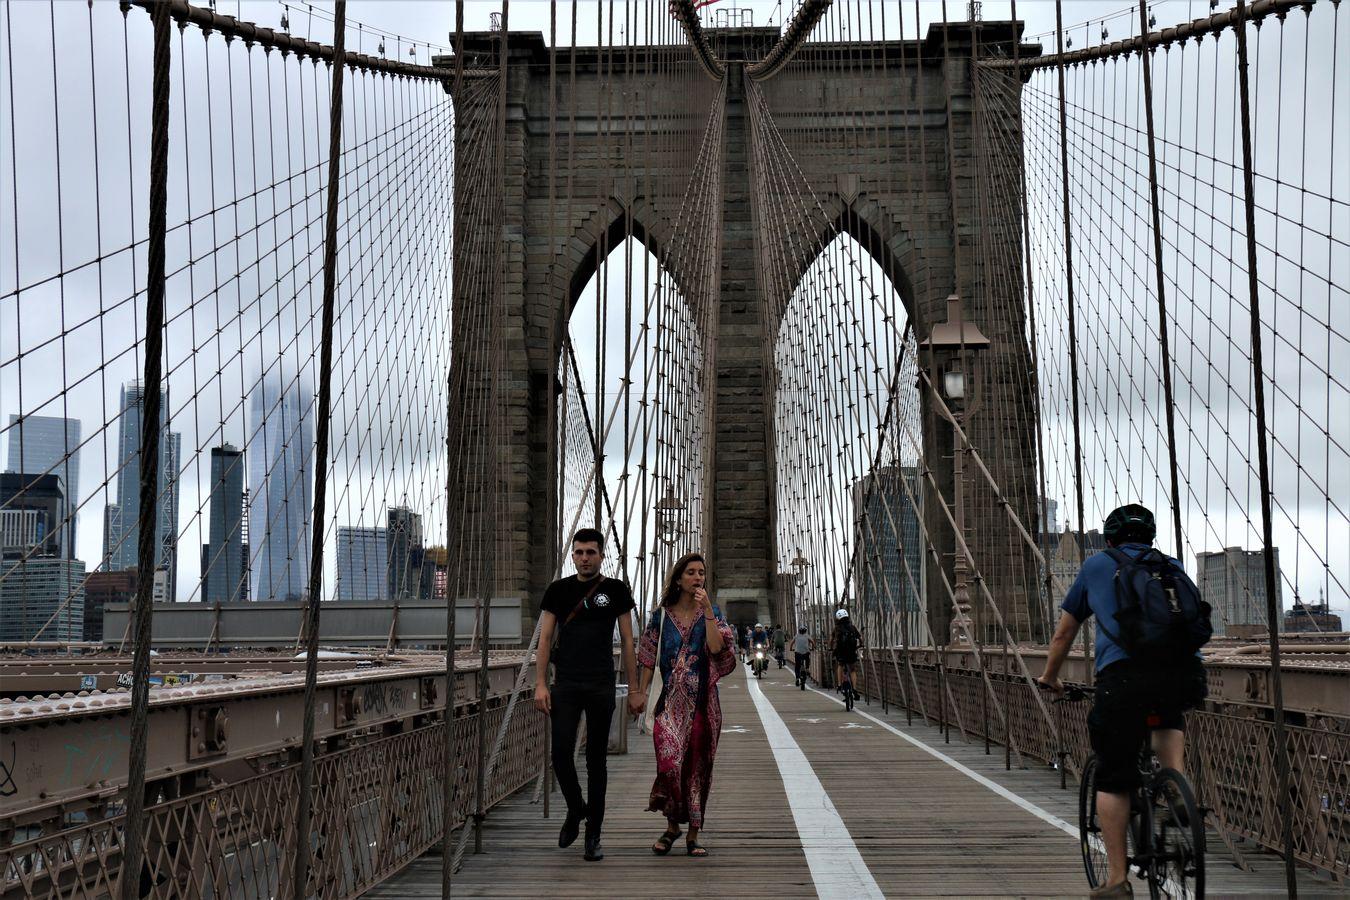 Dva na mostě.